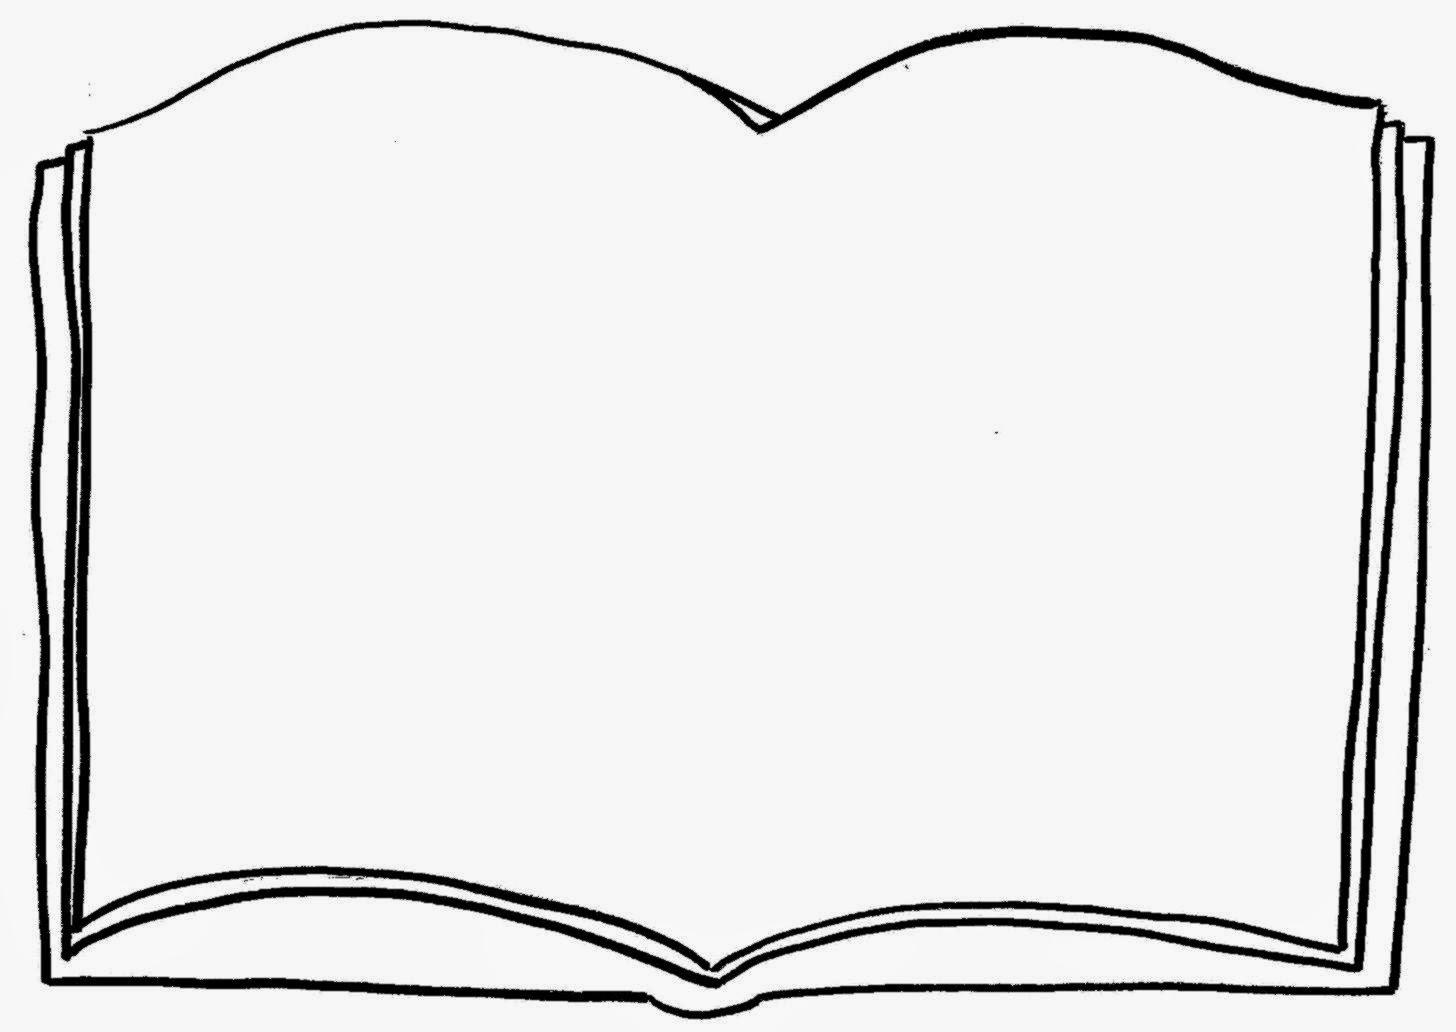 1456x1032 Clipart Open Book